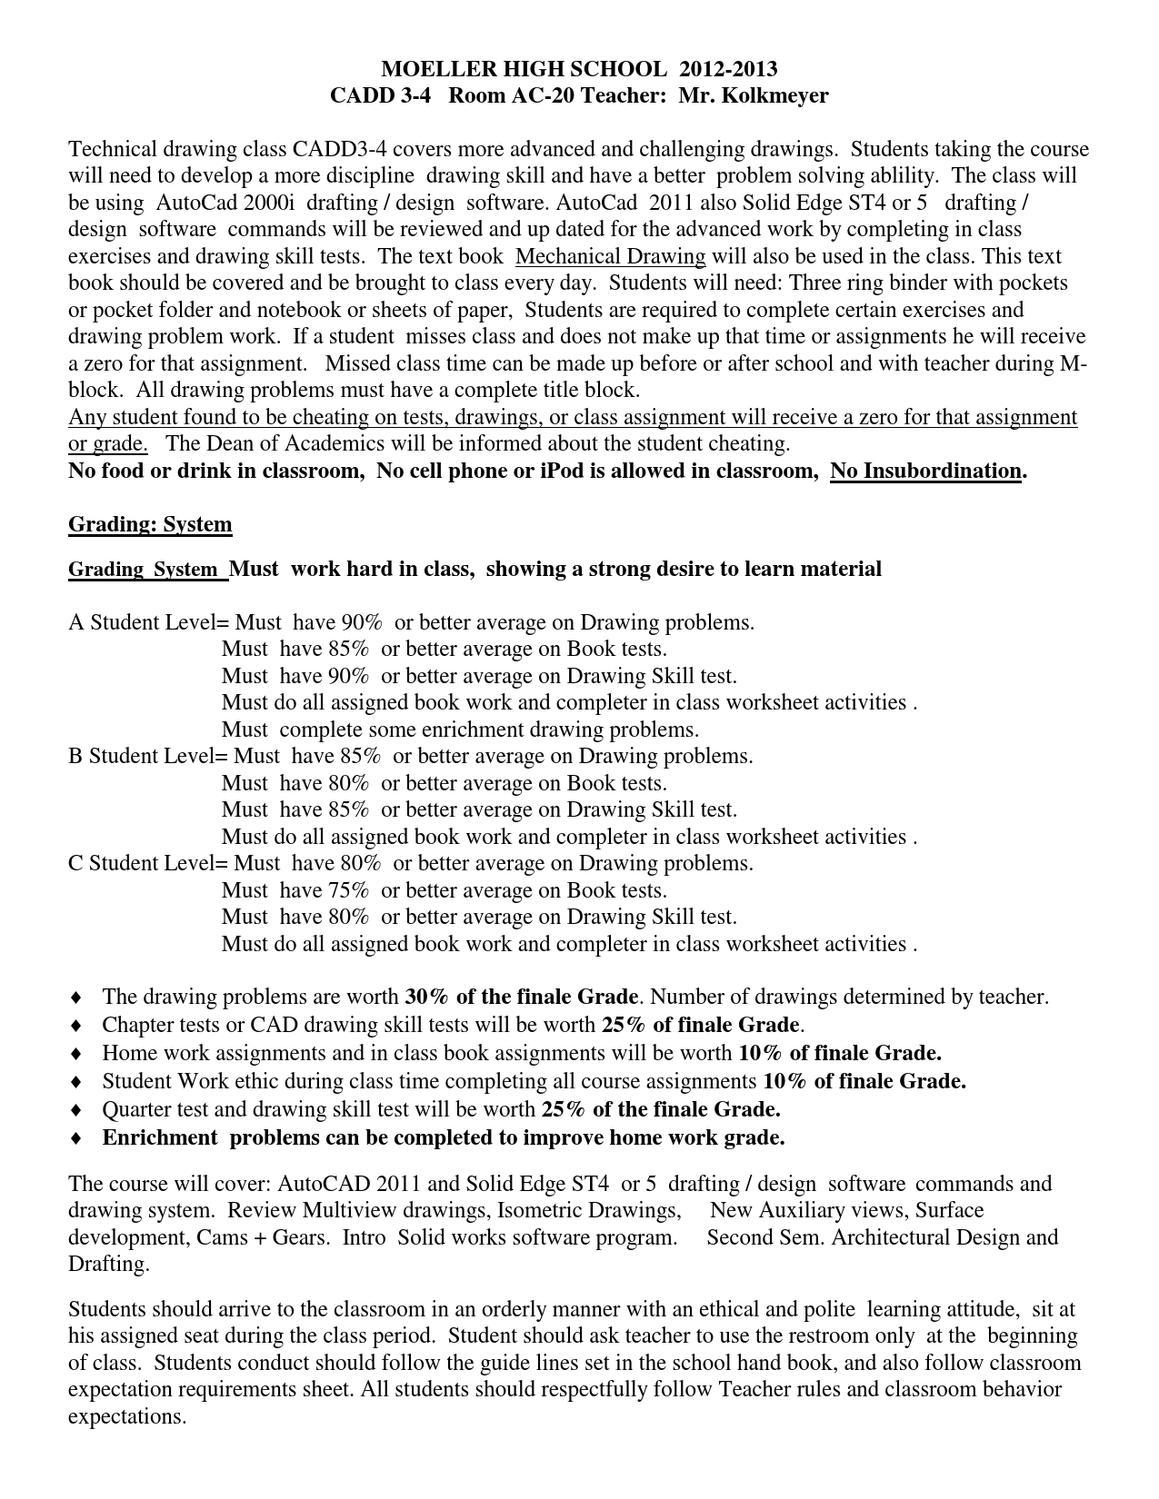 CADD 3-4 CP1 by Archbishop Moeller High School - issuu